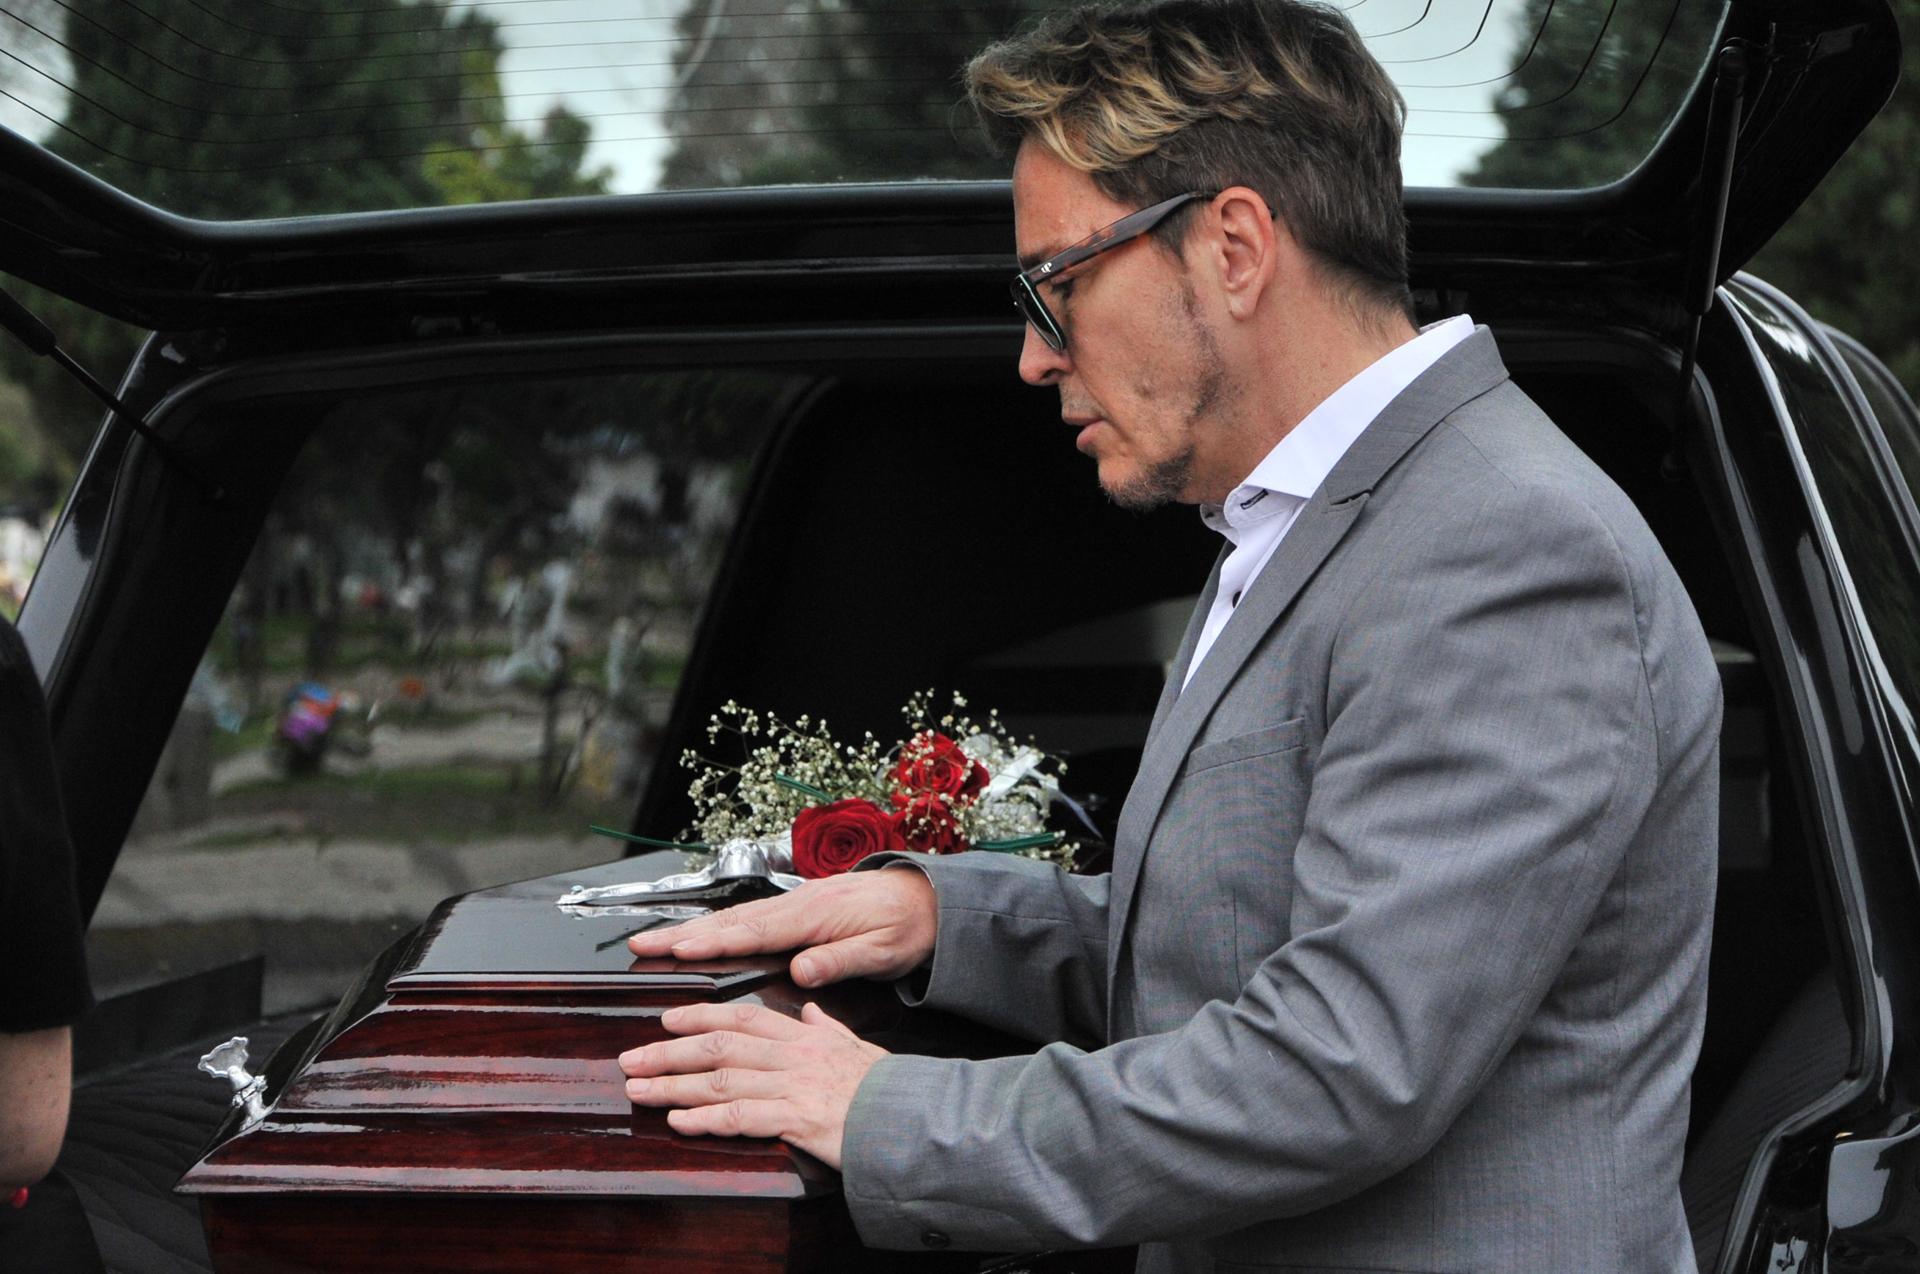 Entre lágrimas, Guido despidió a su papá Hugo